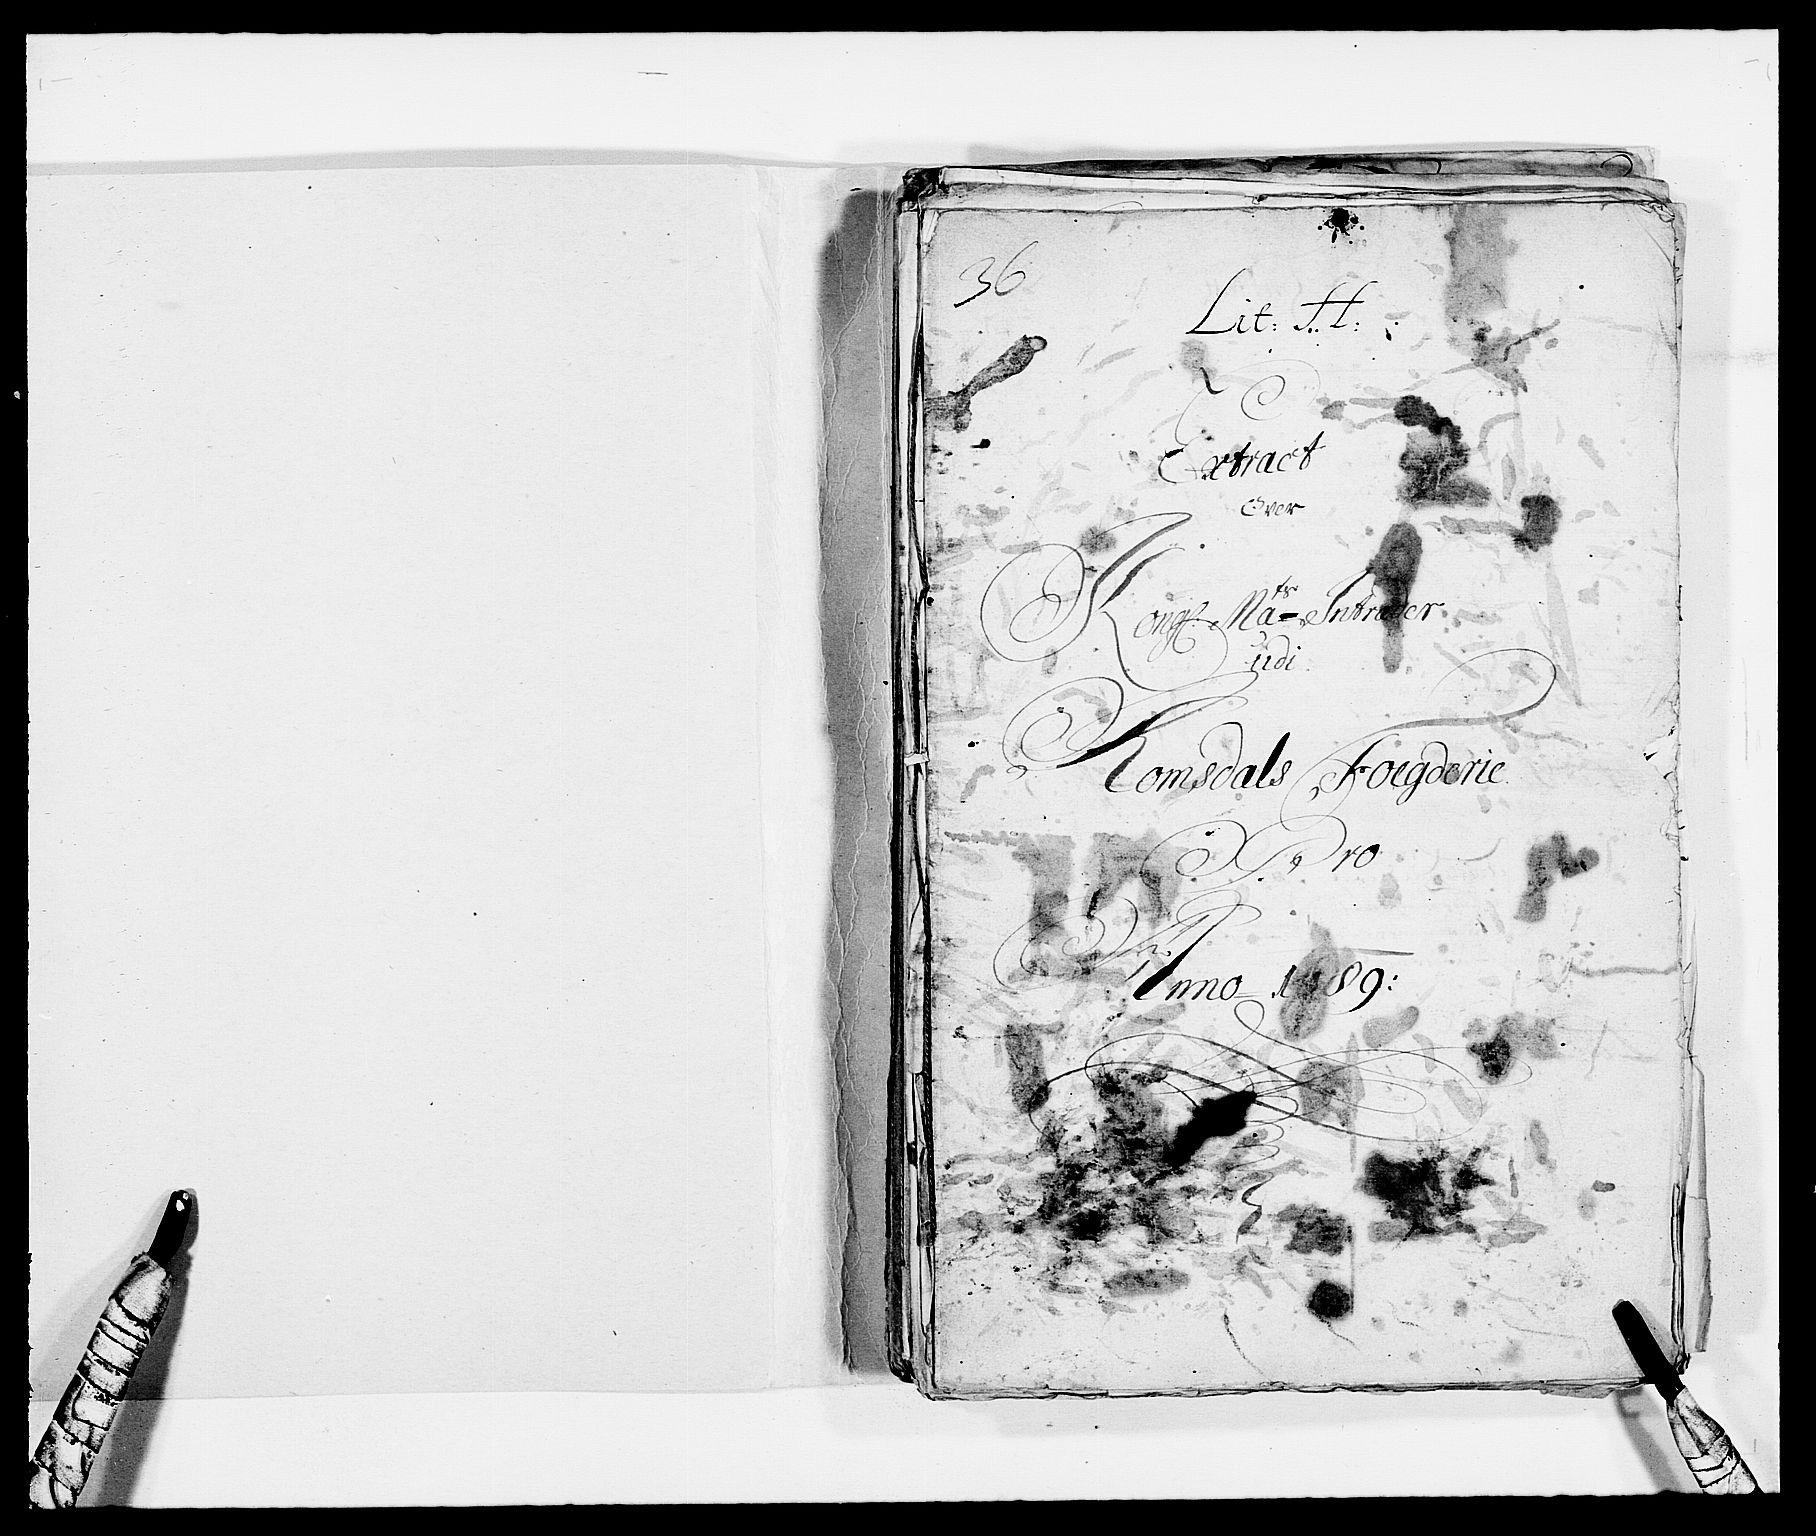 RA, Rentekammeret inntil 1814, Reviderte regnskaper, Fogderegnskap, R55/L3648: Fogderegnskap Romsdal, 1687-1689, s. 310